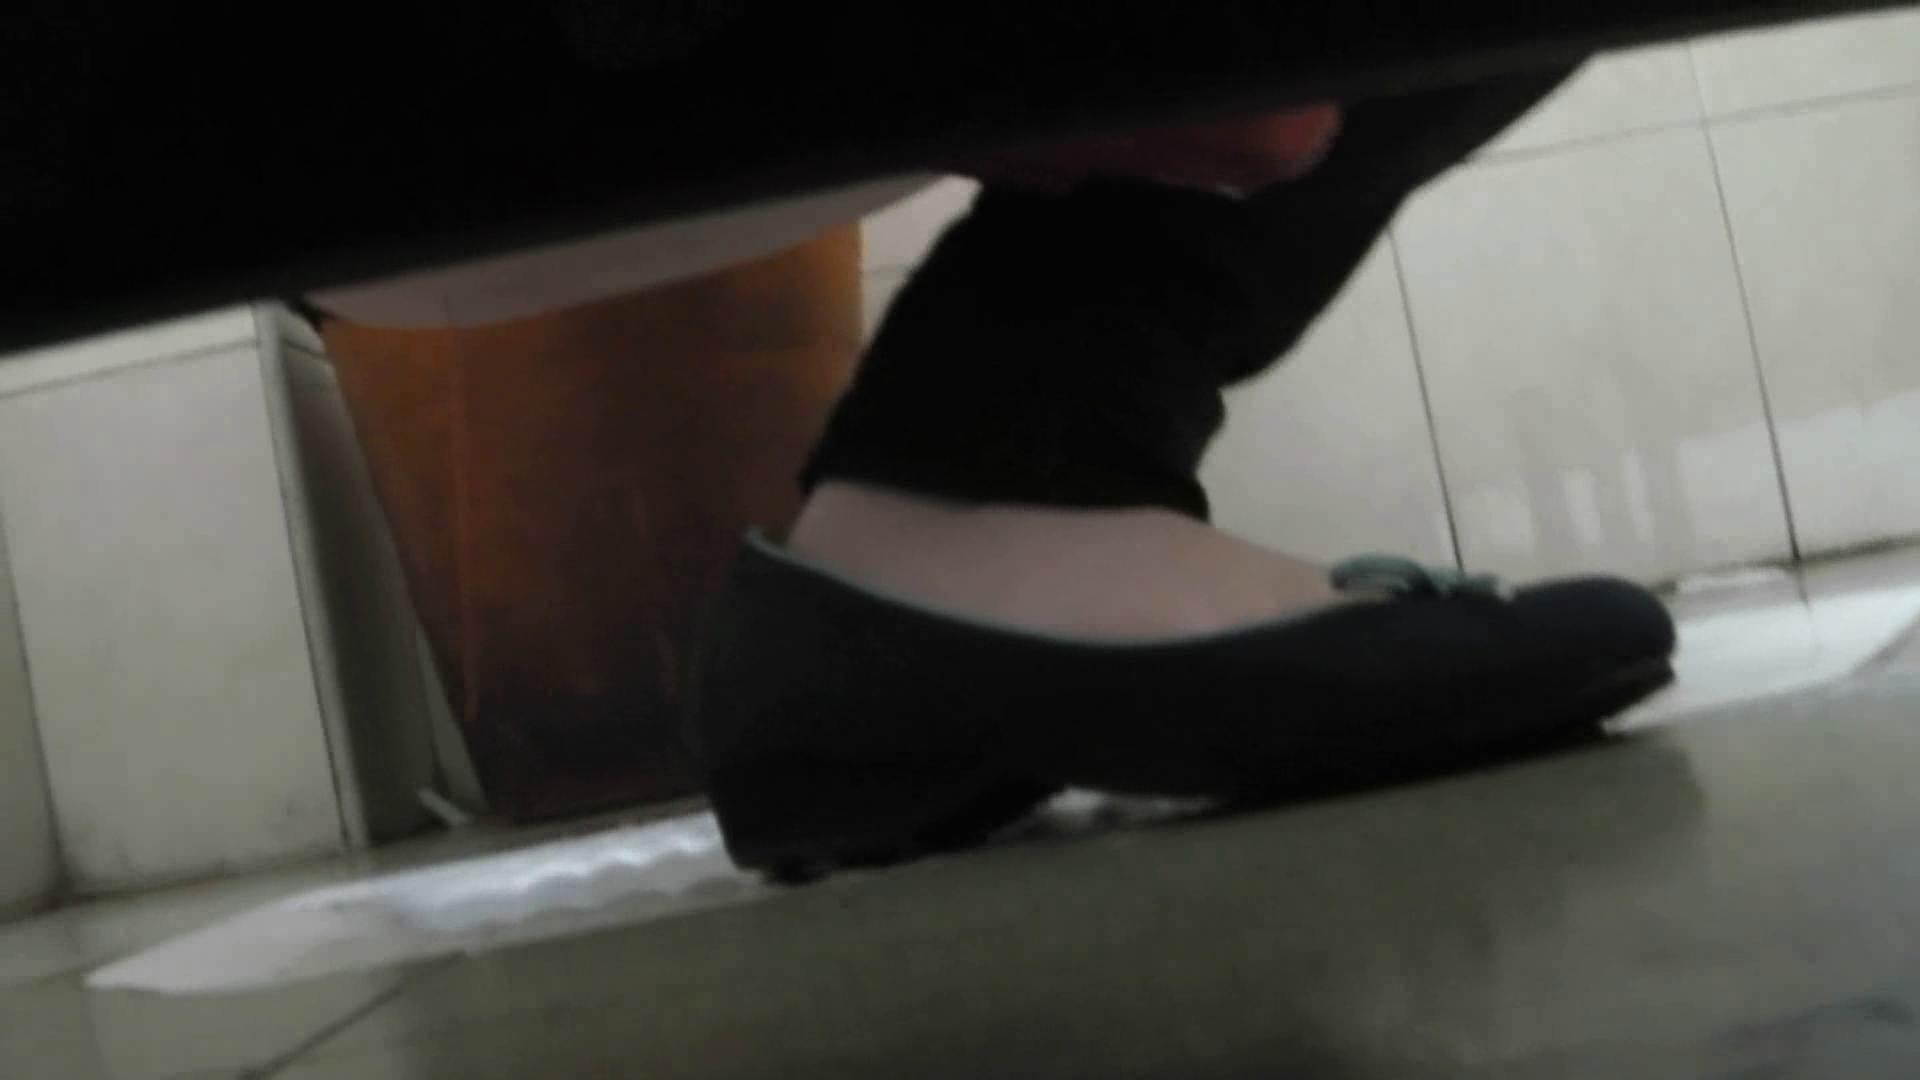 世界の射窓から ステーション編 vol.17厦大女厕偷拍 qianp OLのボディ  105PIX 100